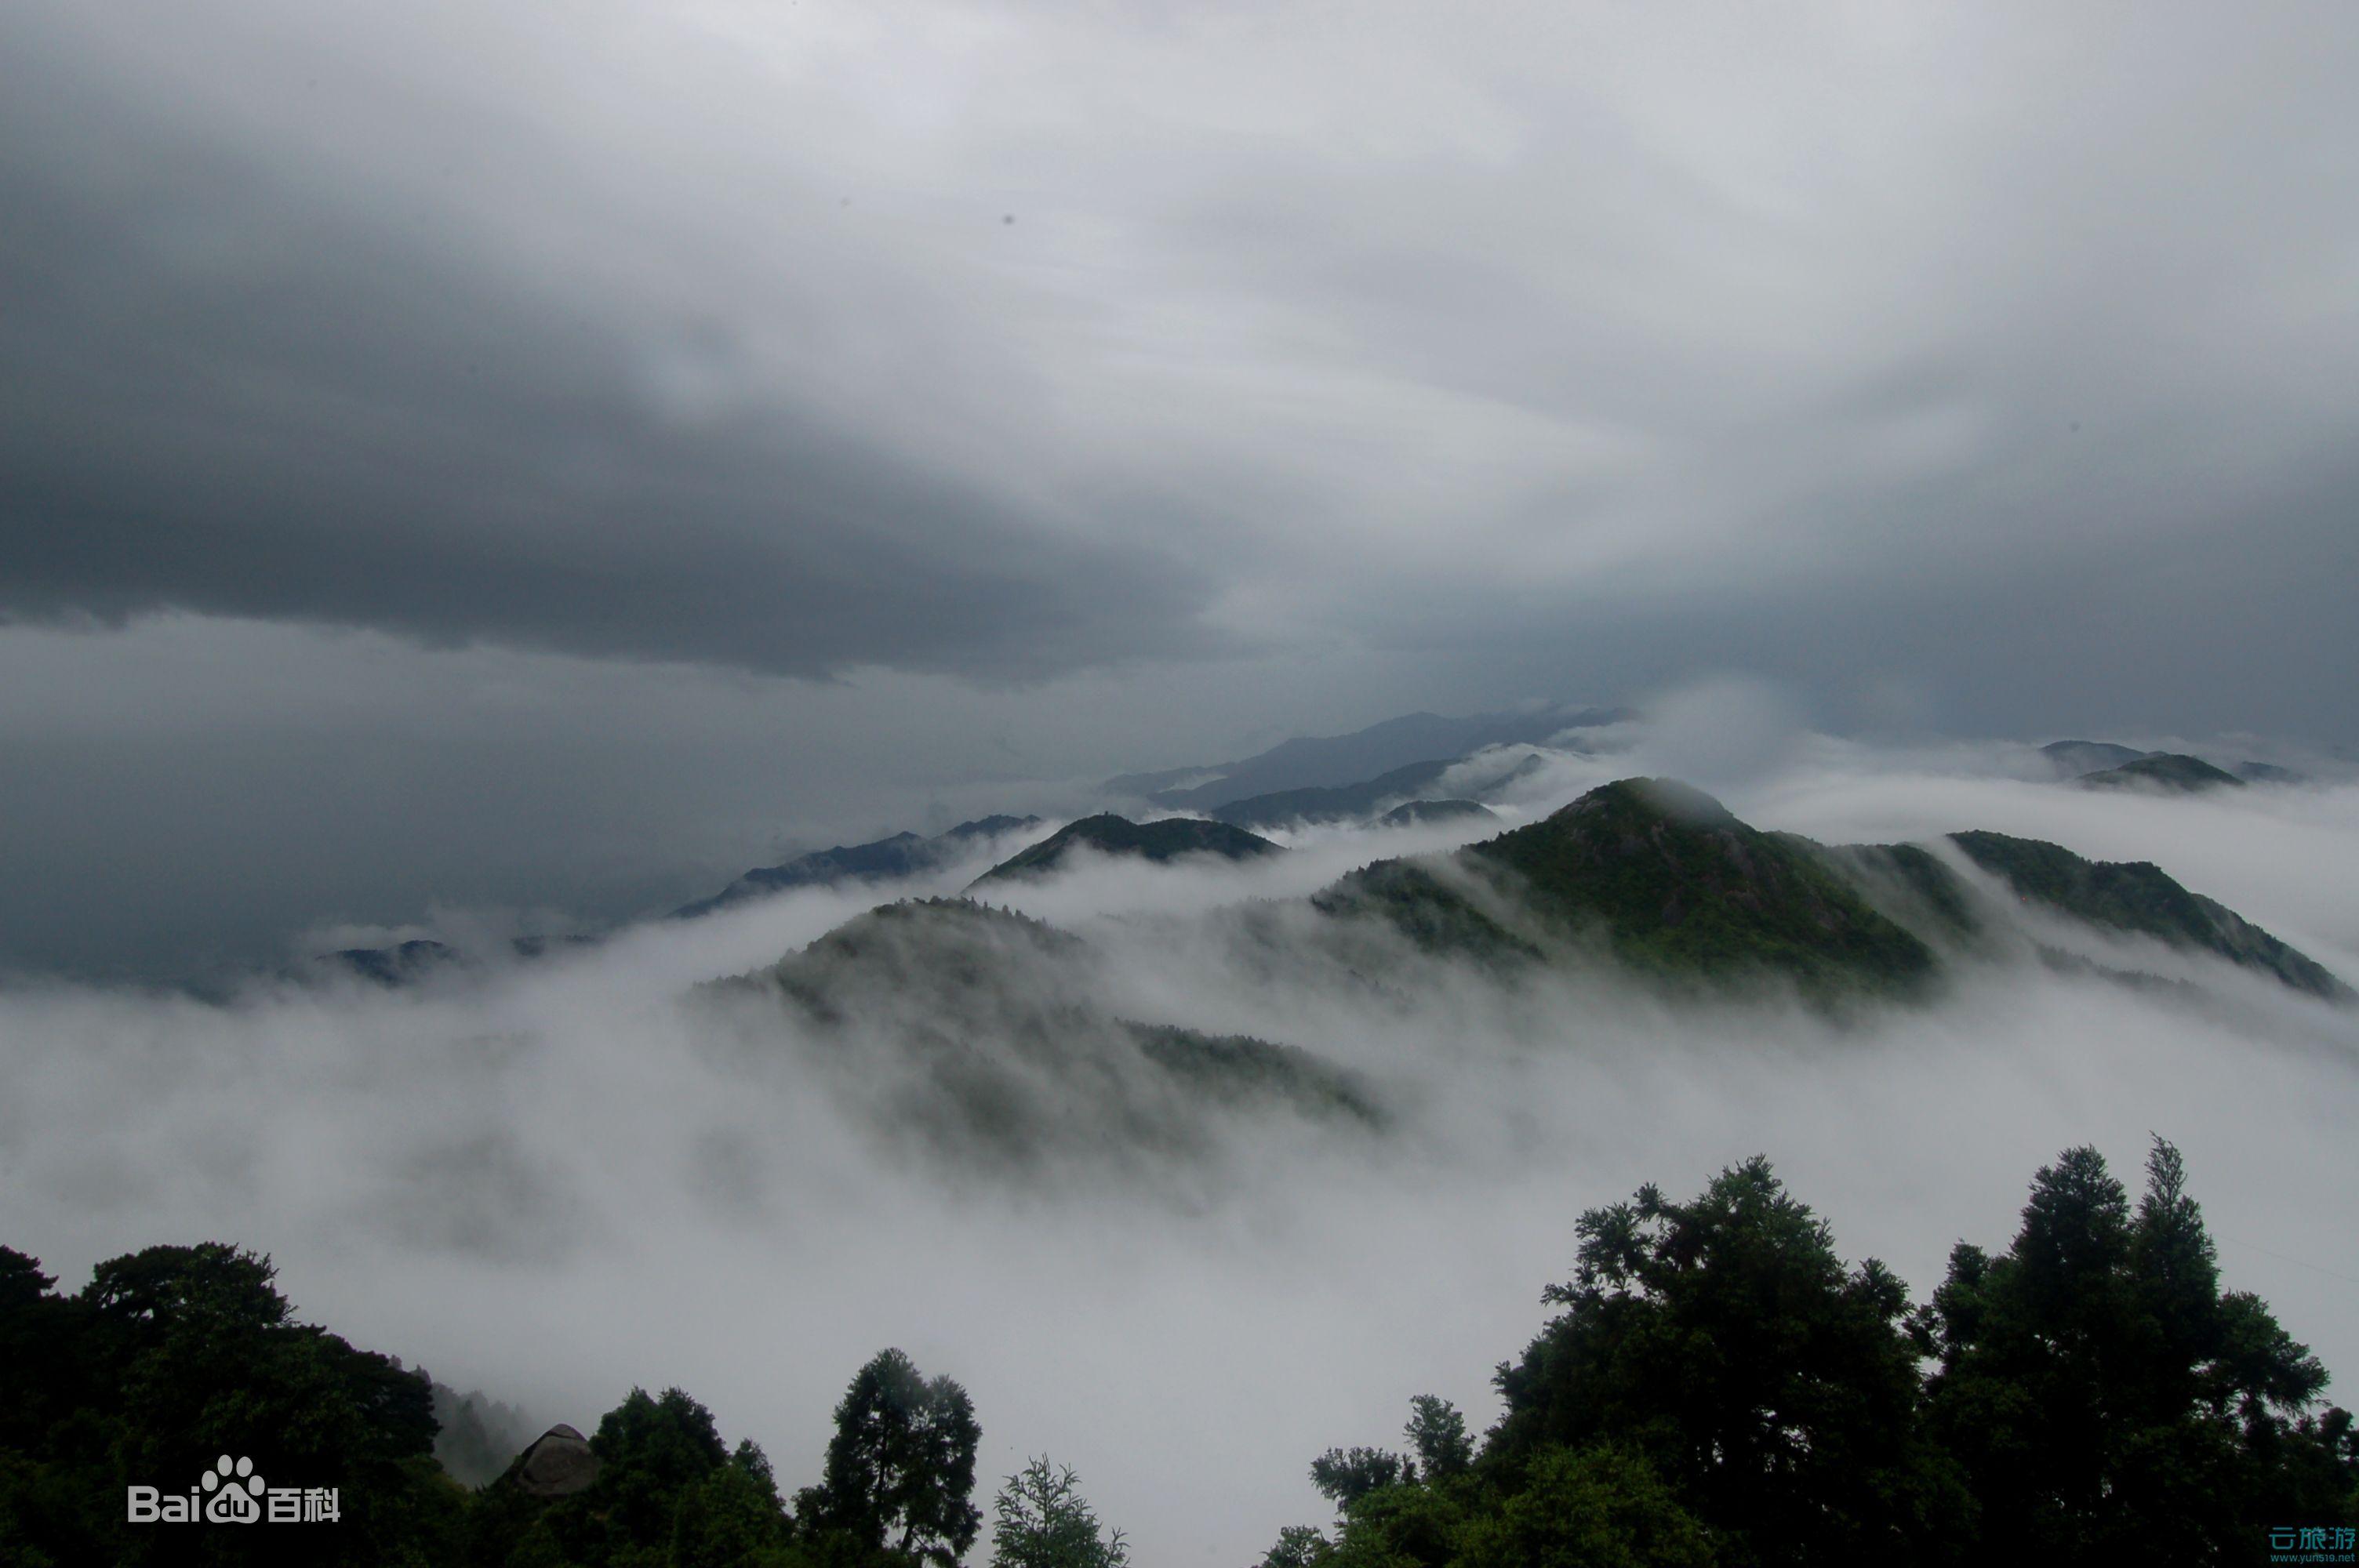 衡山风景(8张)五岳之中